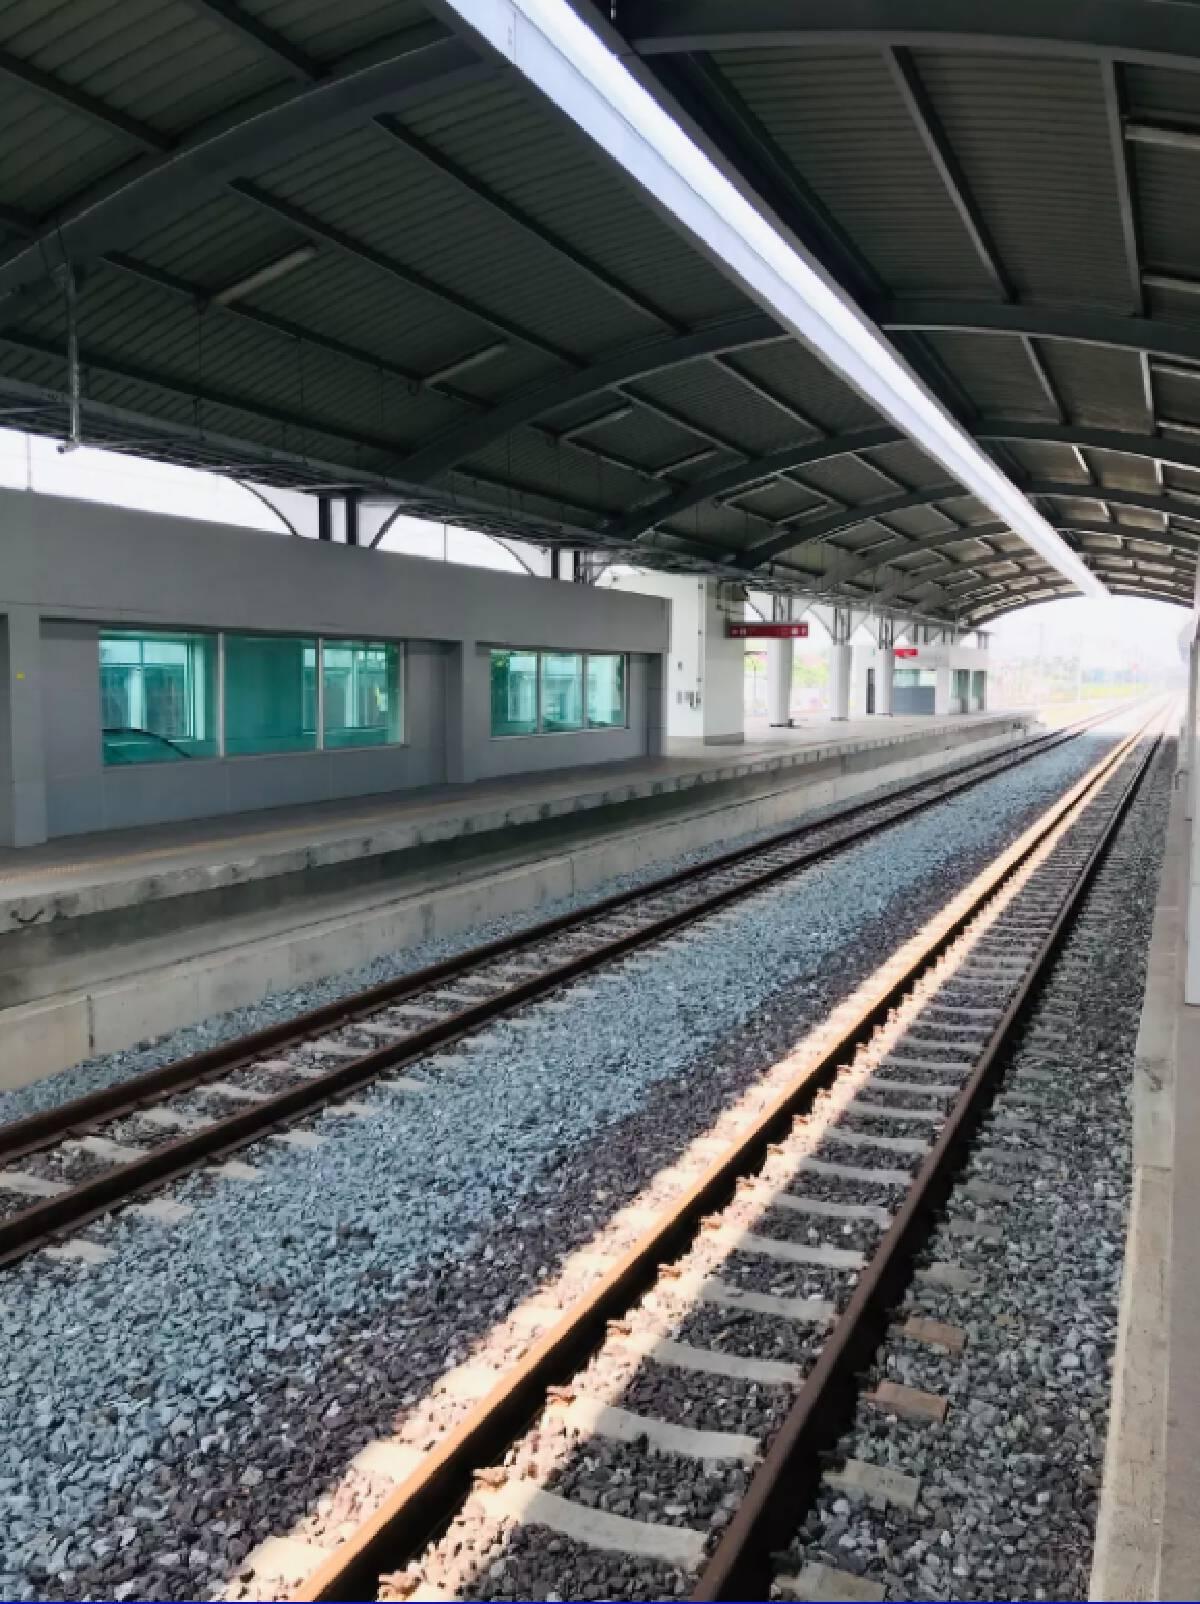 งามหน้า! รถไฟสายสีแดงเปิดไม่ทันไรเจอโจรบุกขโมยสายไฟทำเดินรถสะดุด